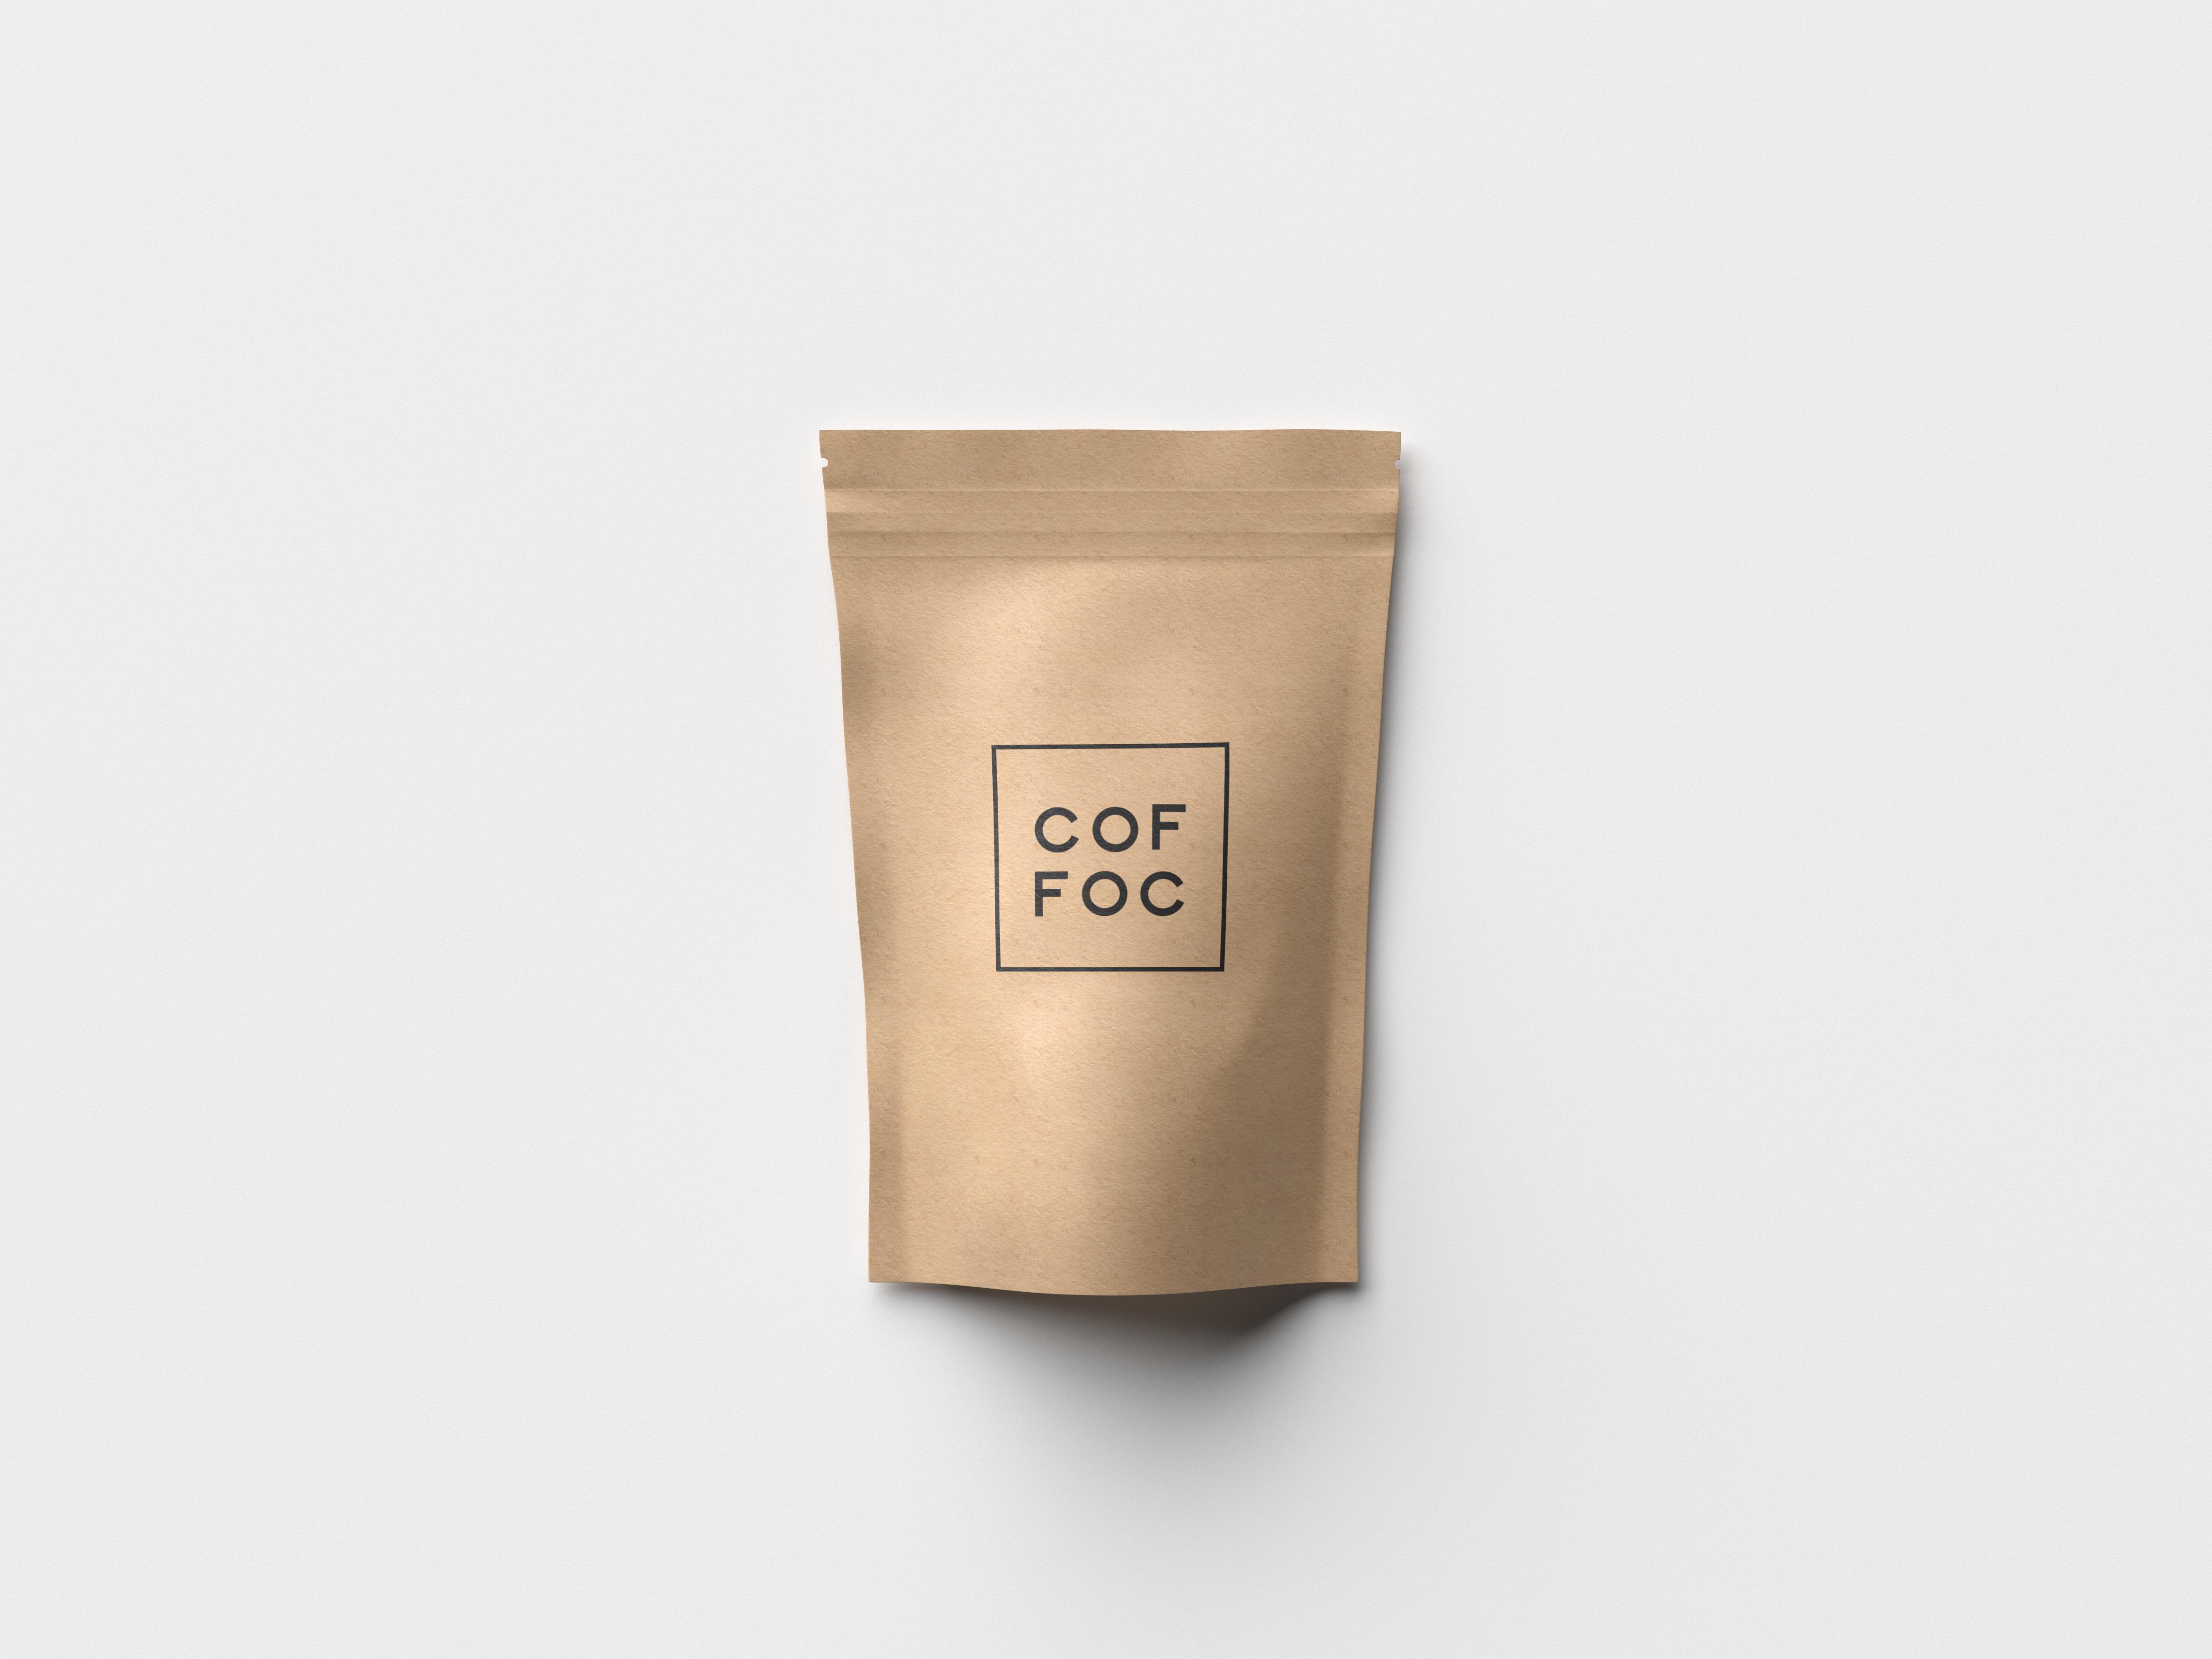 corporate identity | coffoc